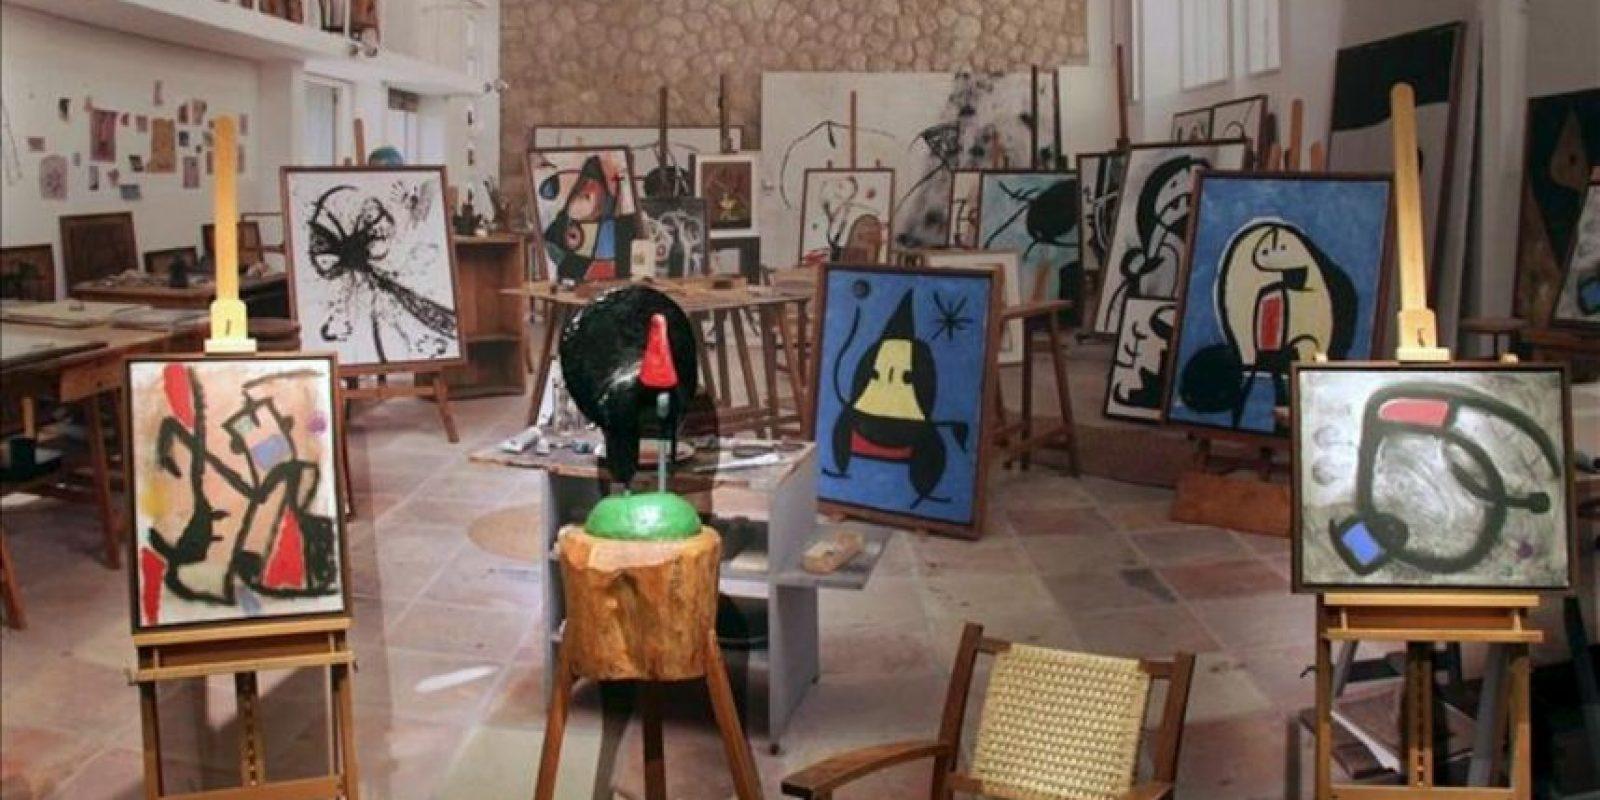 """Varias de las obras que forman parte de la exposición """"Joan Miró: Iconografía"""", inaugurada hoy en el Museo de Arte Moderno de Moscú, en el marco del festival internacional de las artes """"Bosque de los Cerezos"""". EFE"""